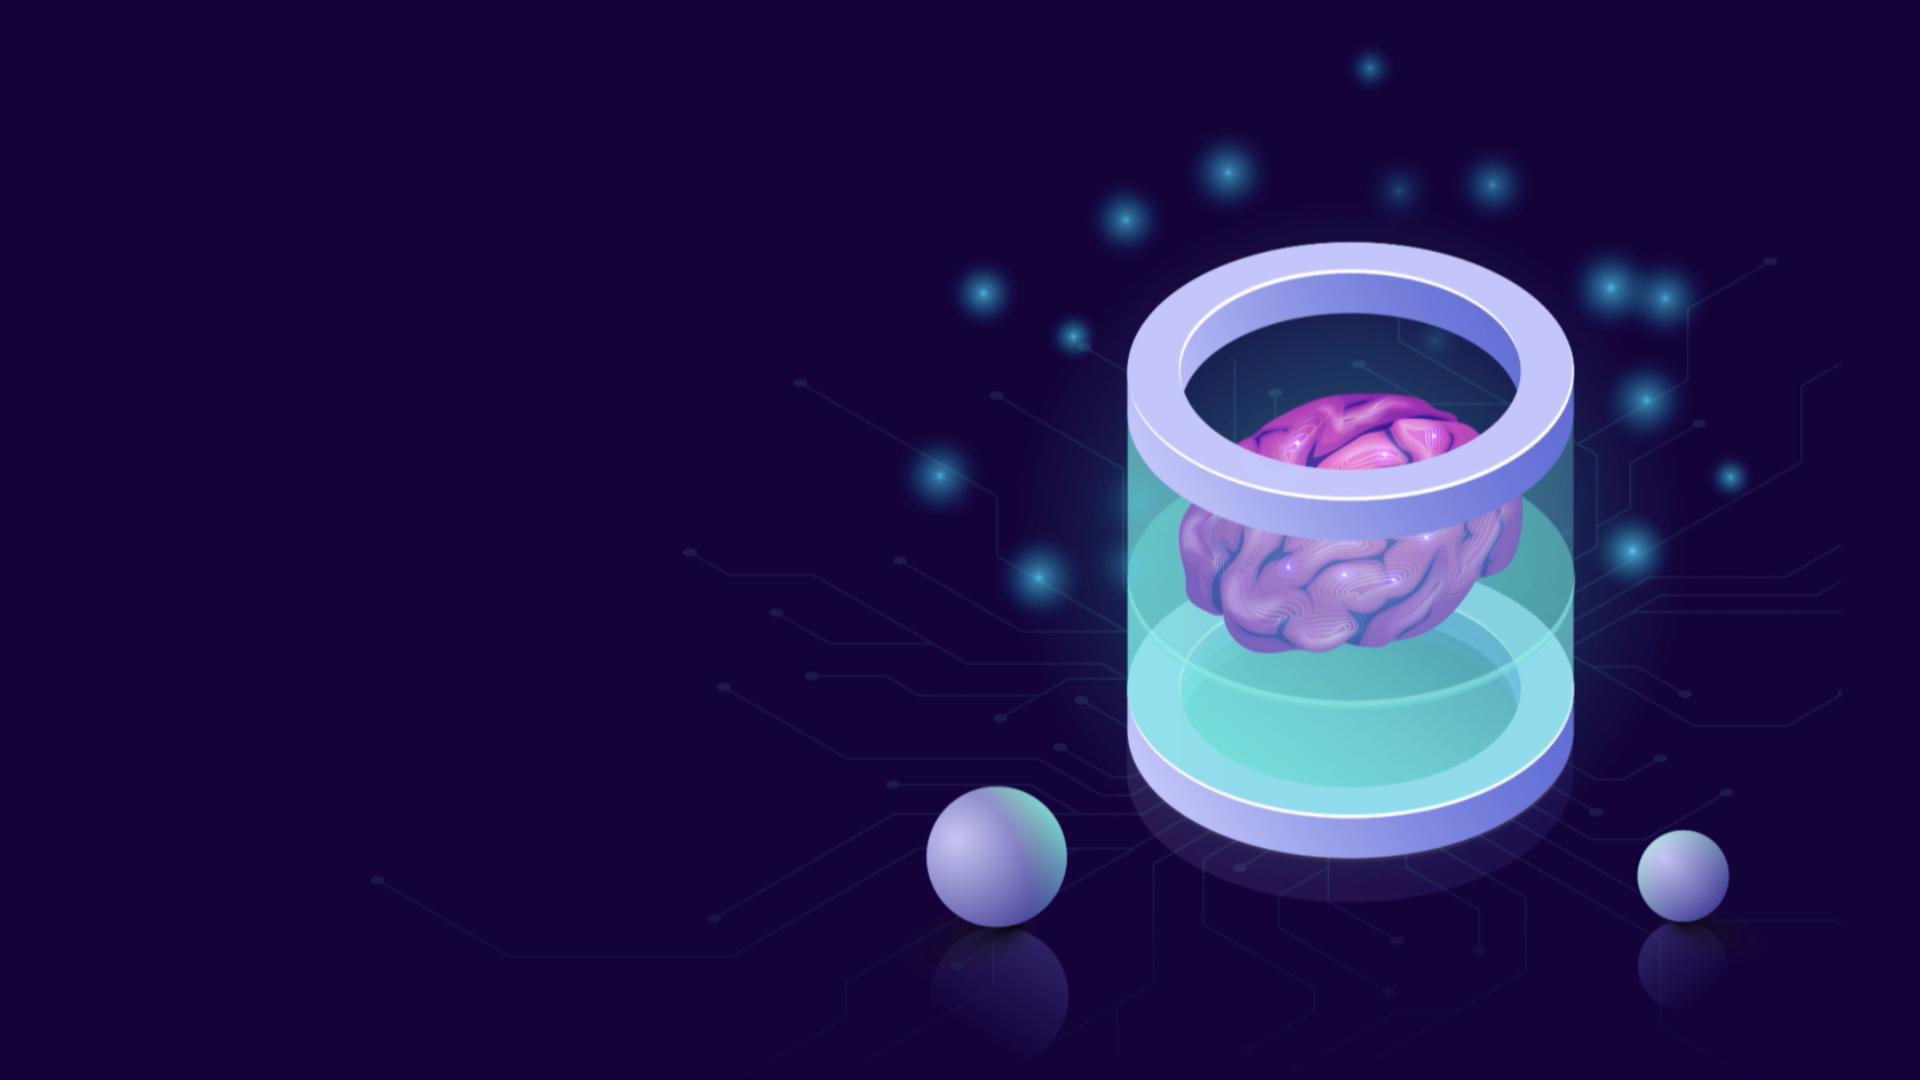 Ideathon 3.0